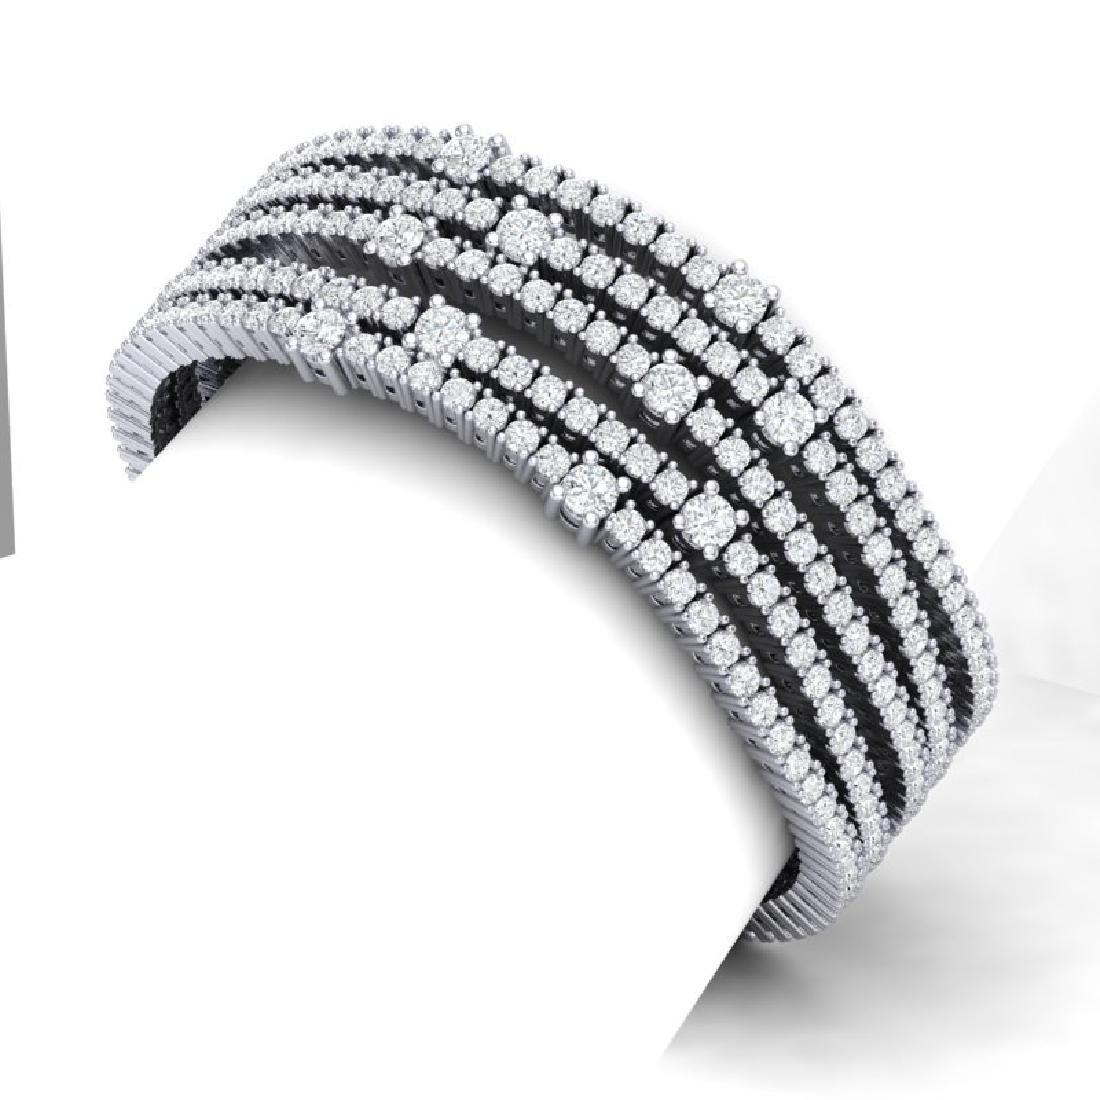 25 CTW Certified VS/SI Diamond Love Bracelet 18K White